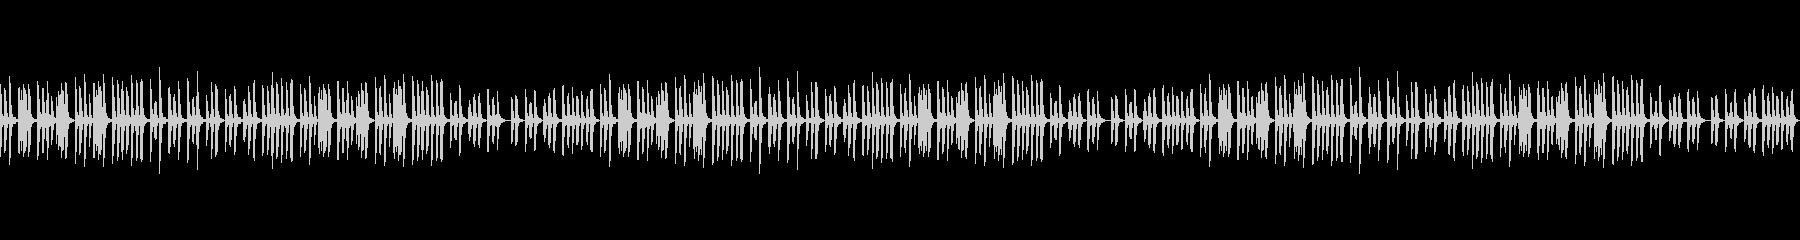 ソロピアノのこども向け知育BGMの未再生の波形